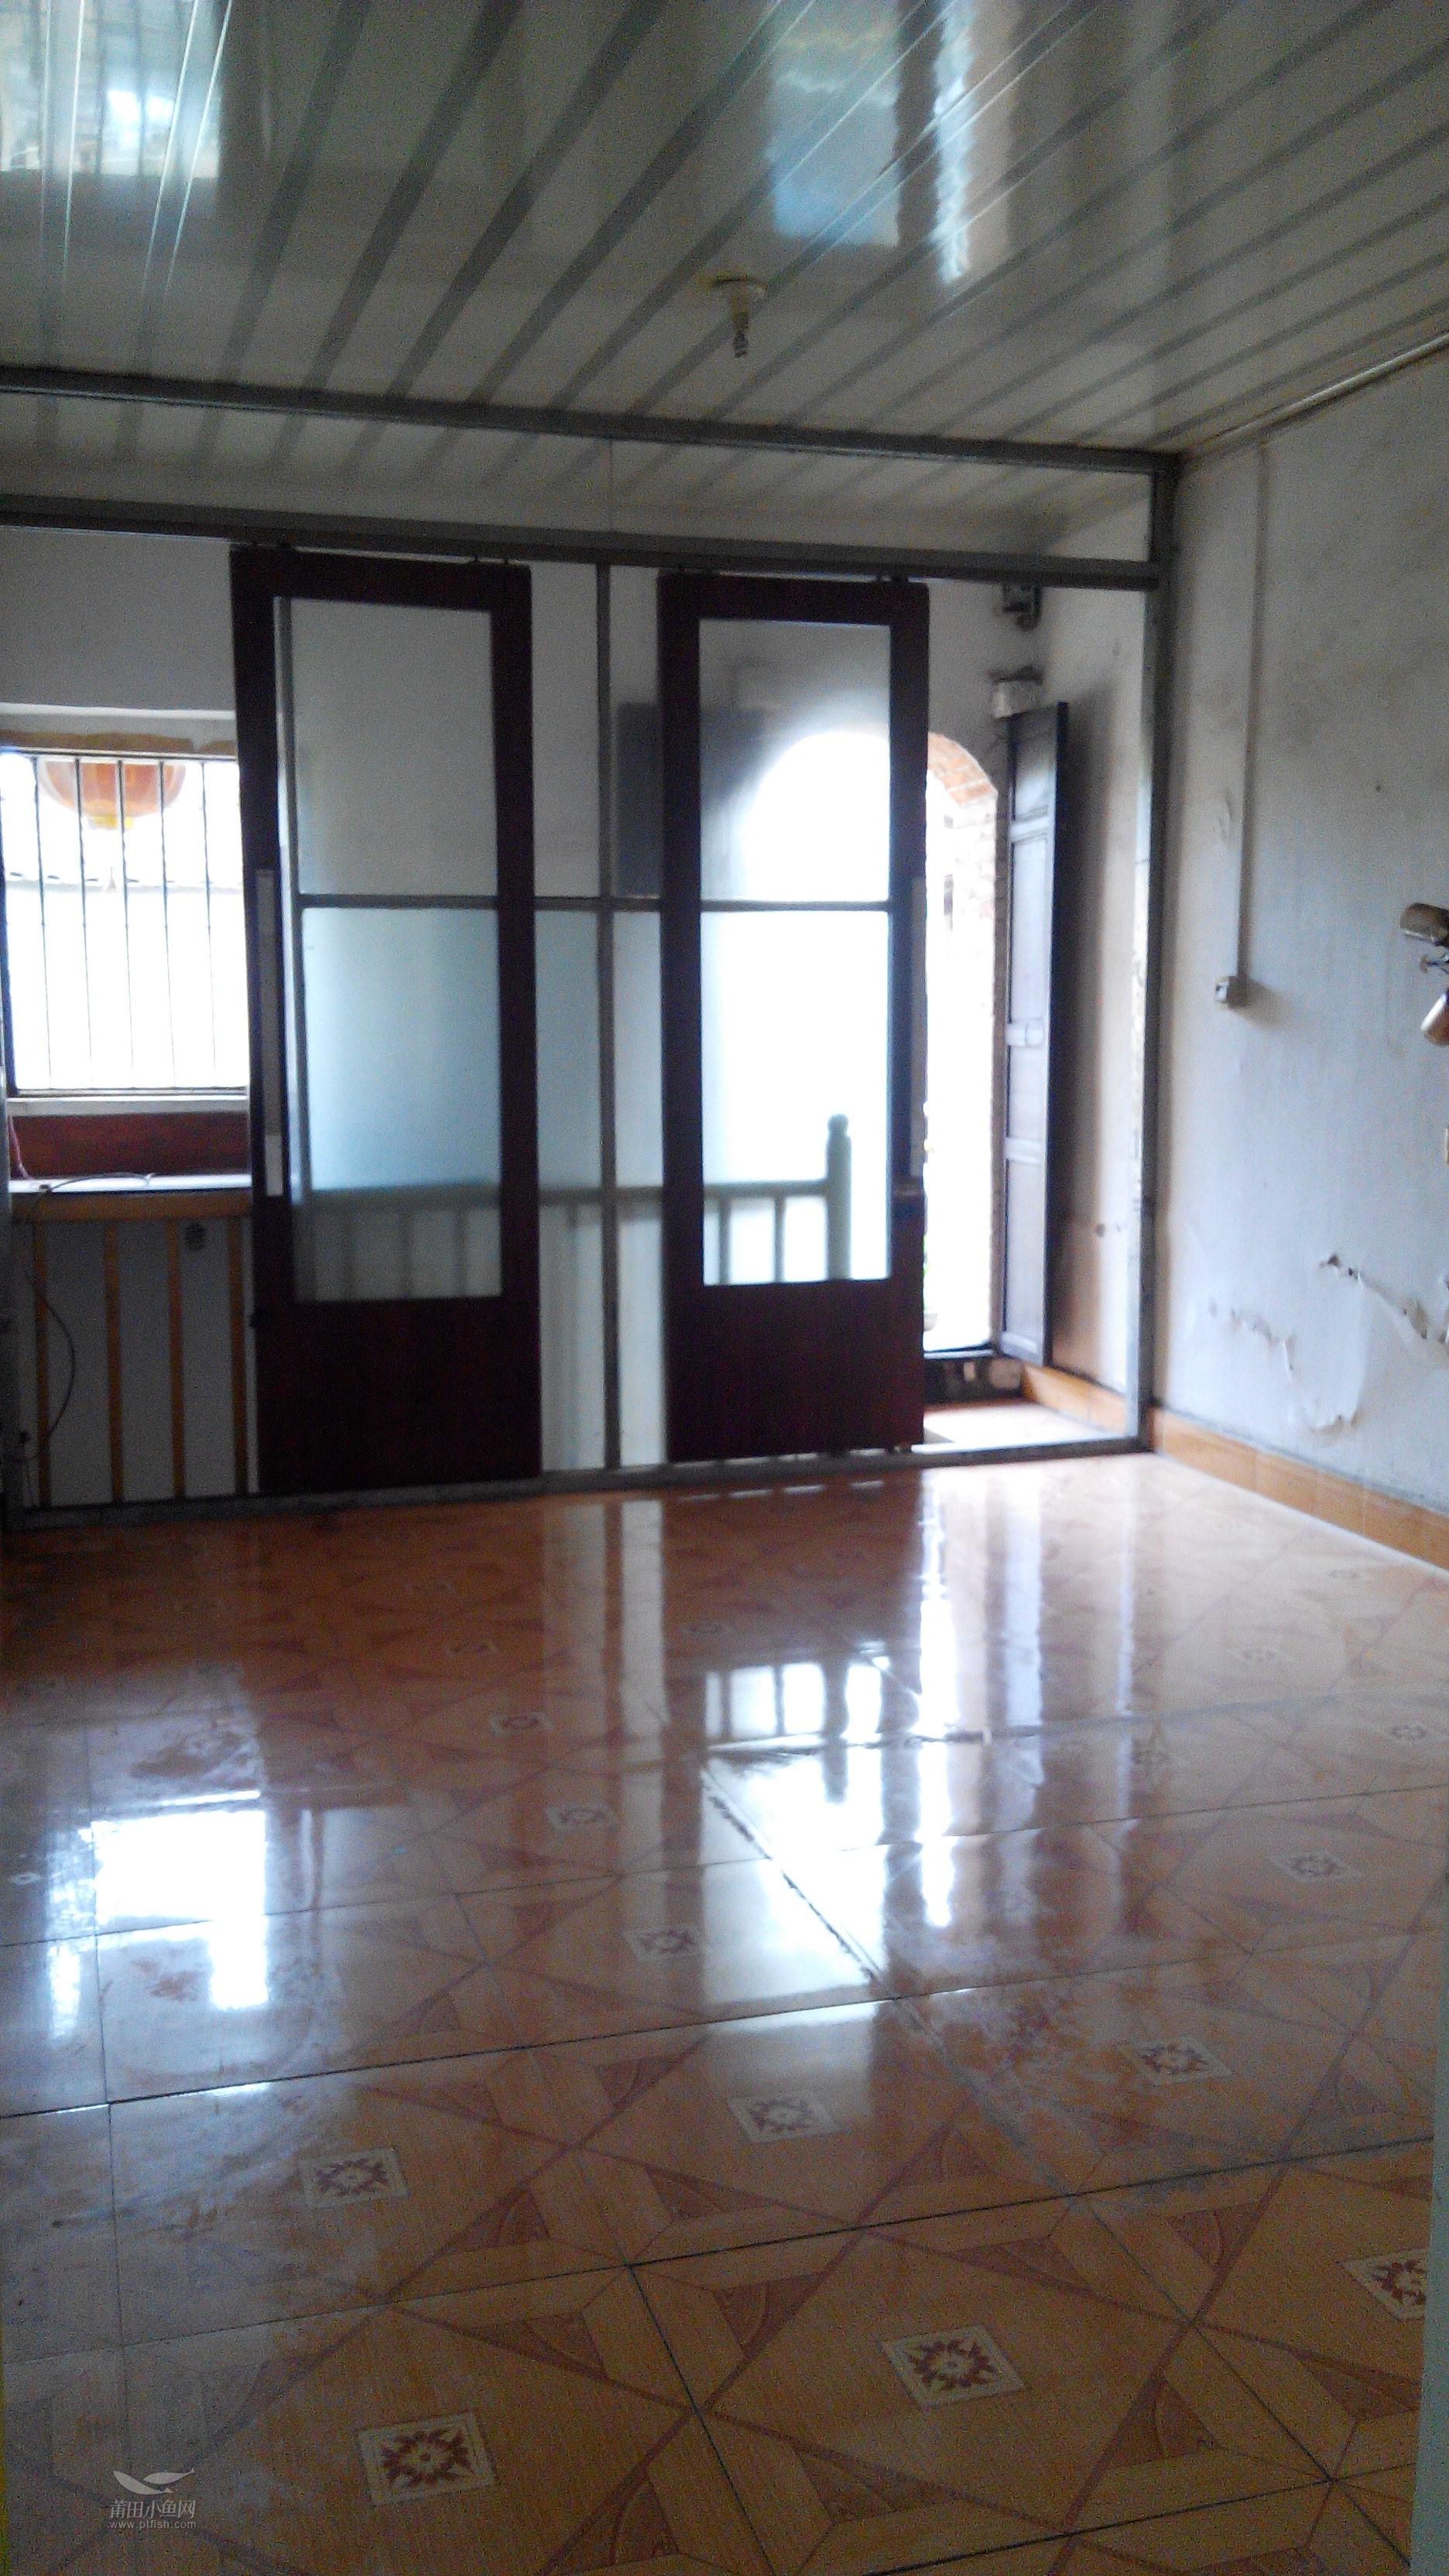 有房出租,单幢两层楼,有厨房 阳台 卫生间 靠近莆田九中 新汽车站